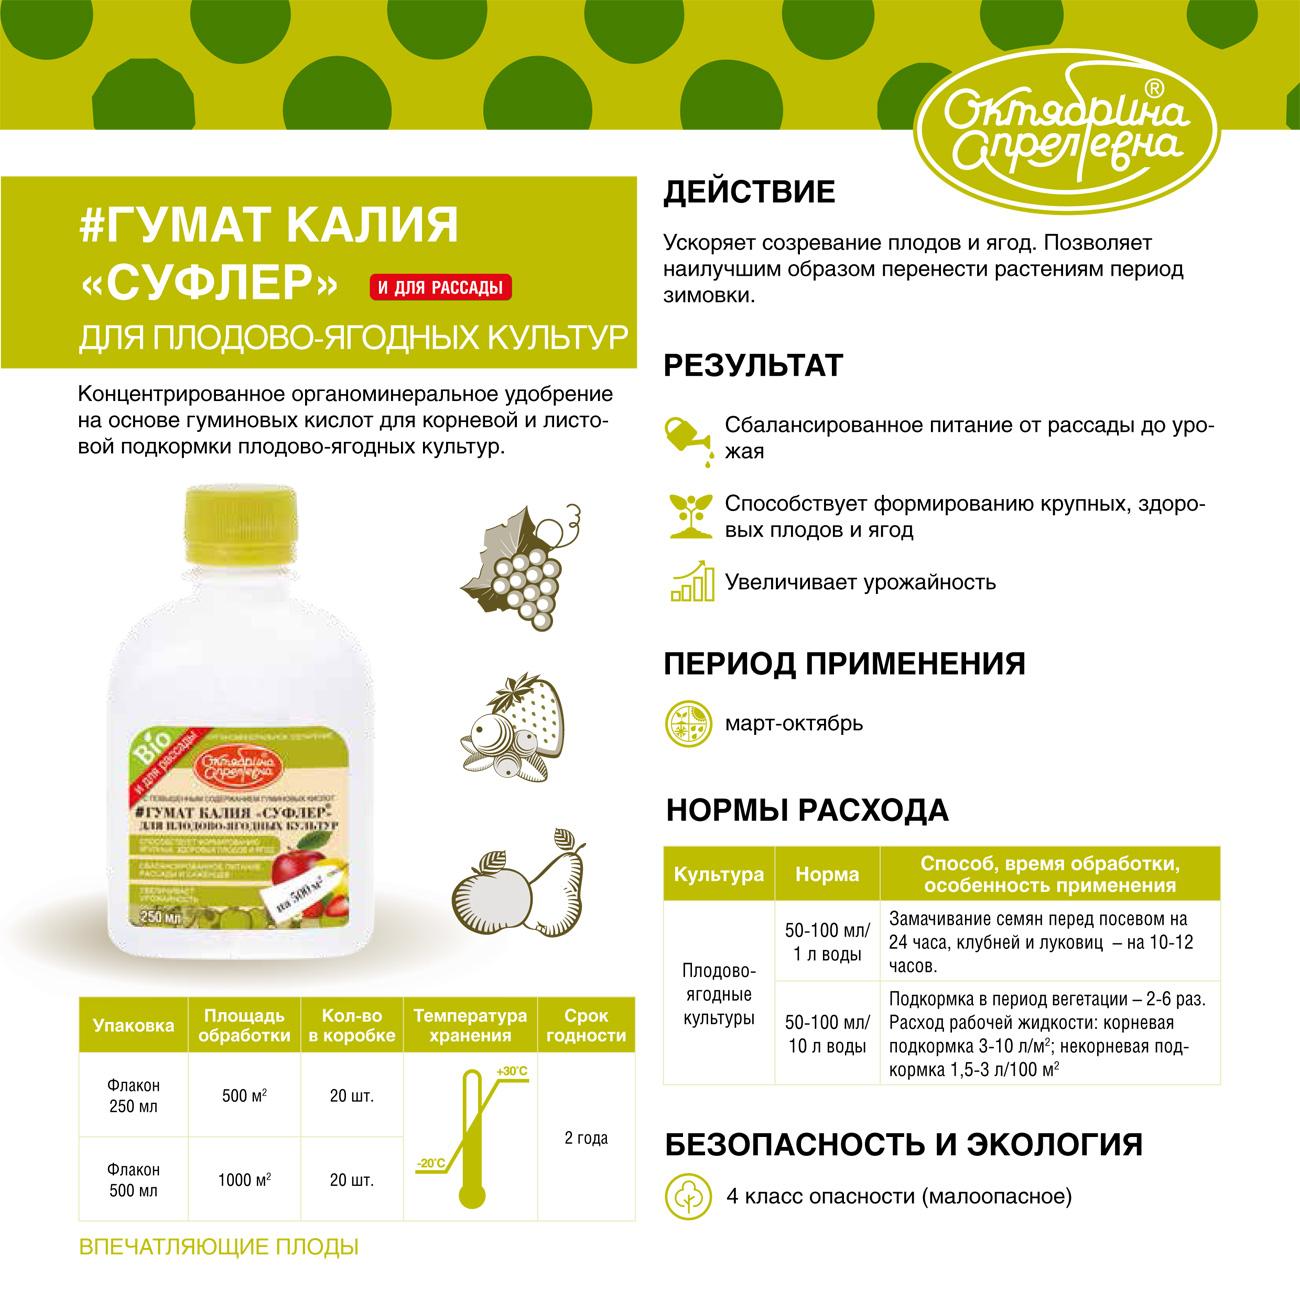 ✅ жидкий гумат калия для томата: применение для рассады, инструкция - tehnomir32.ru